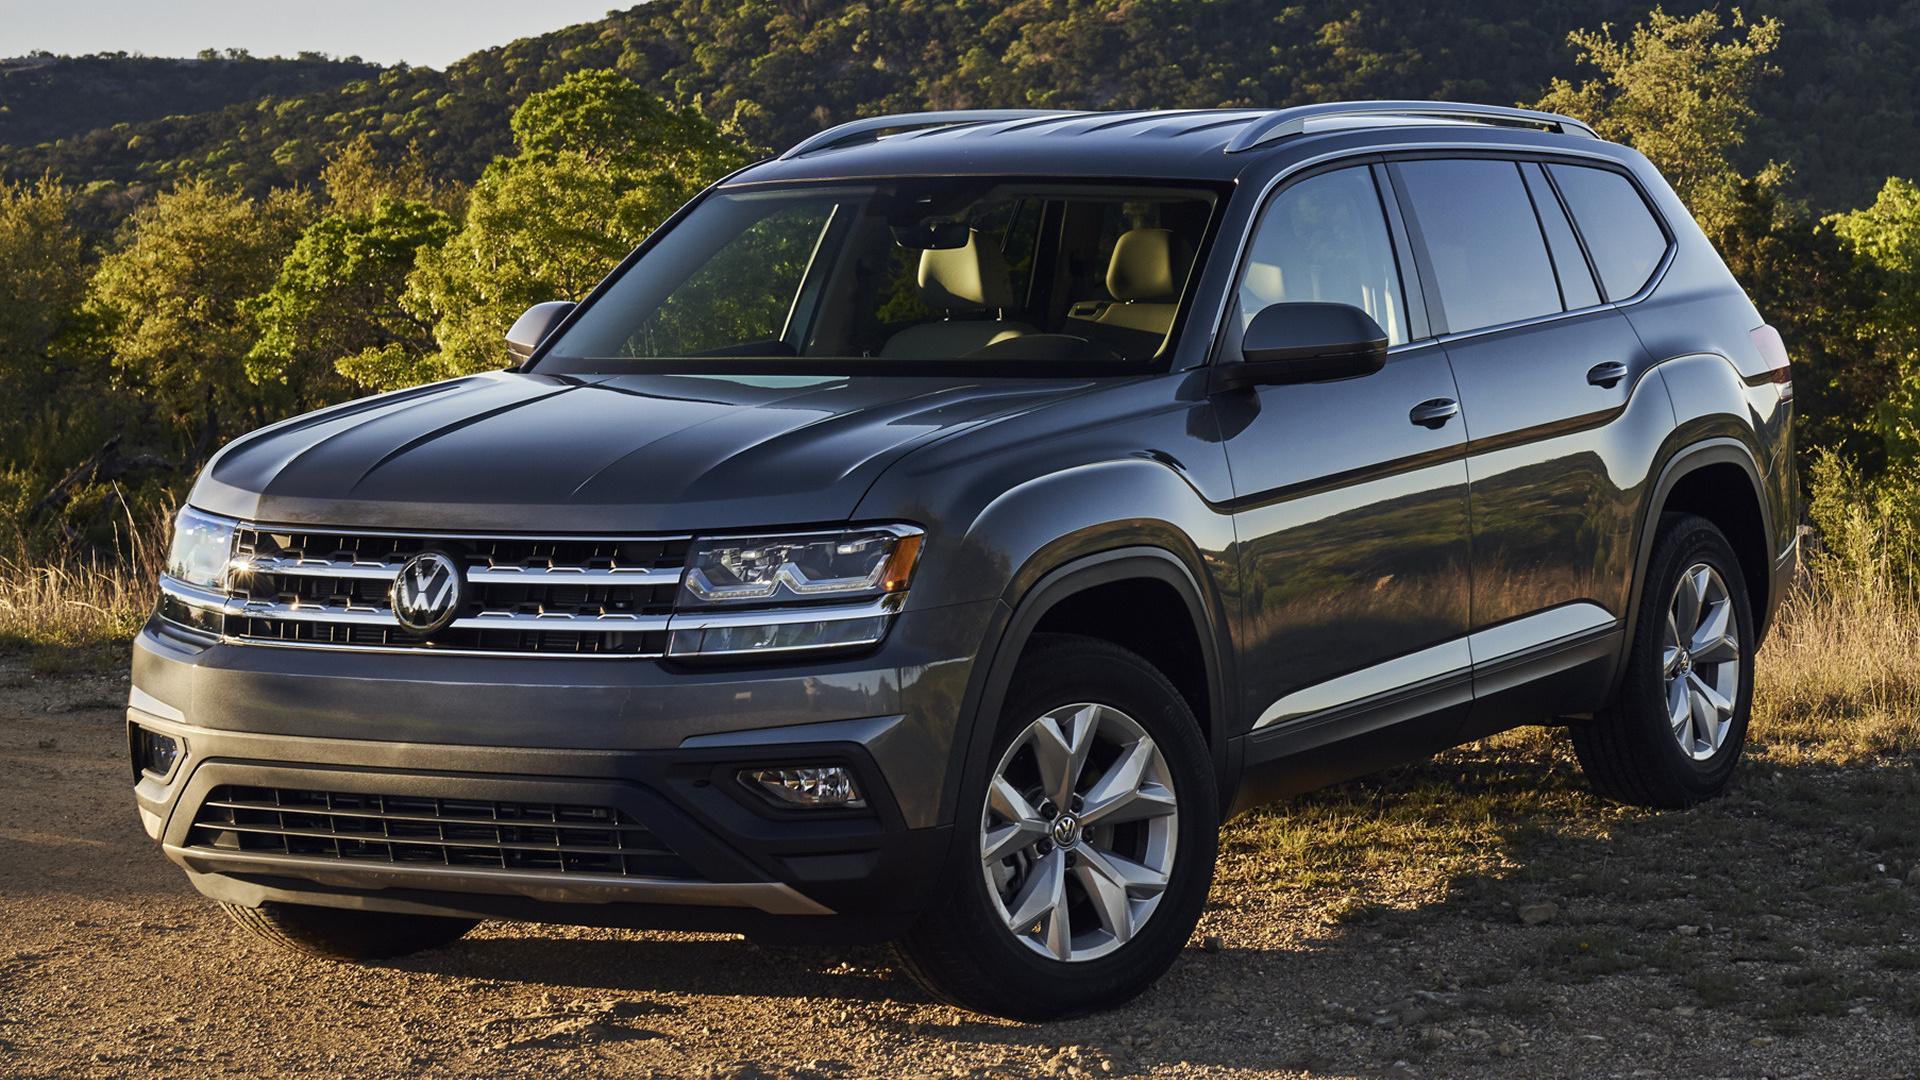 Volkswagen Atlas (2017) Wallpapers and HD Images - Car Pixel